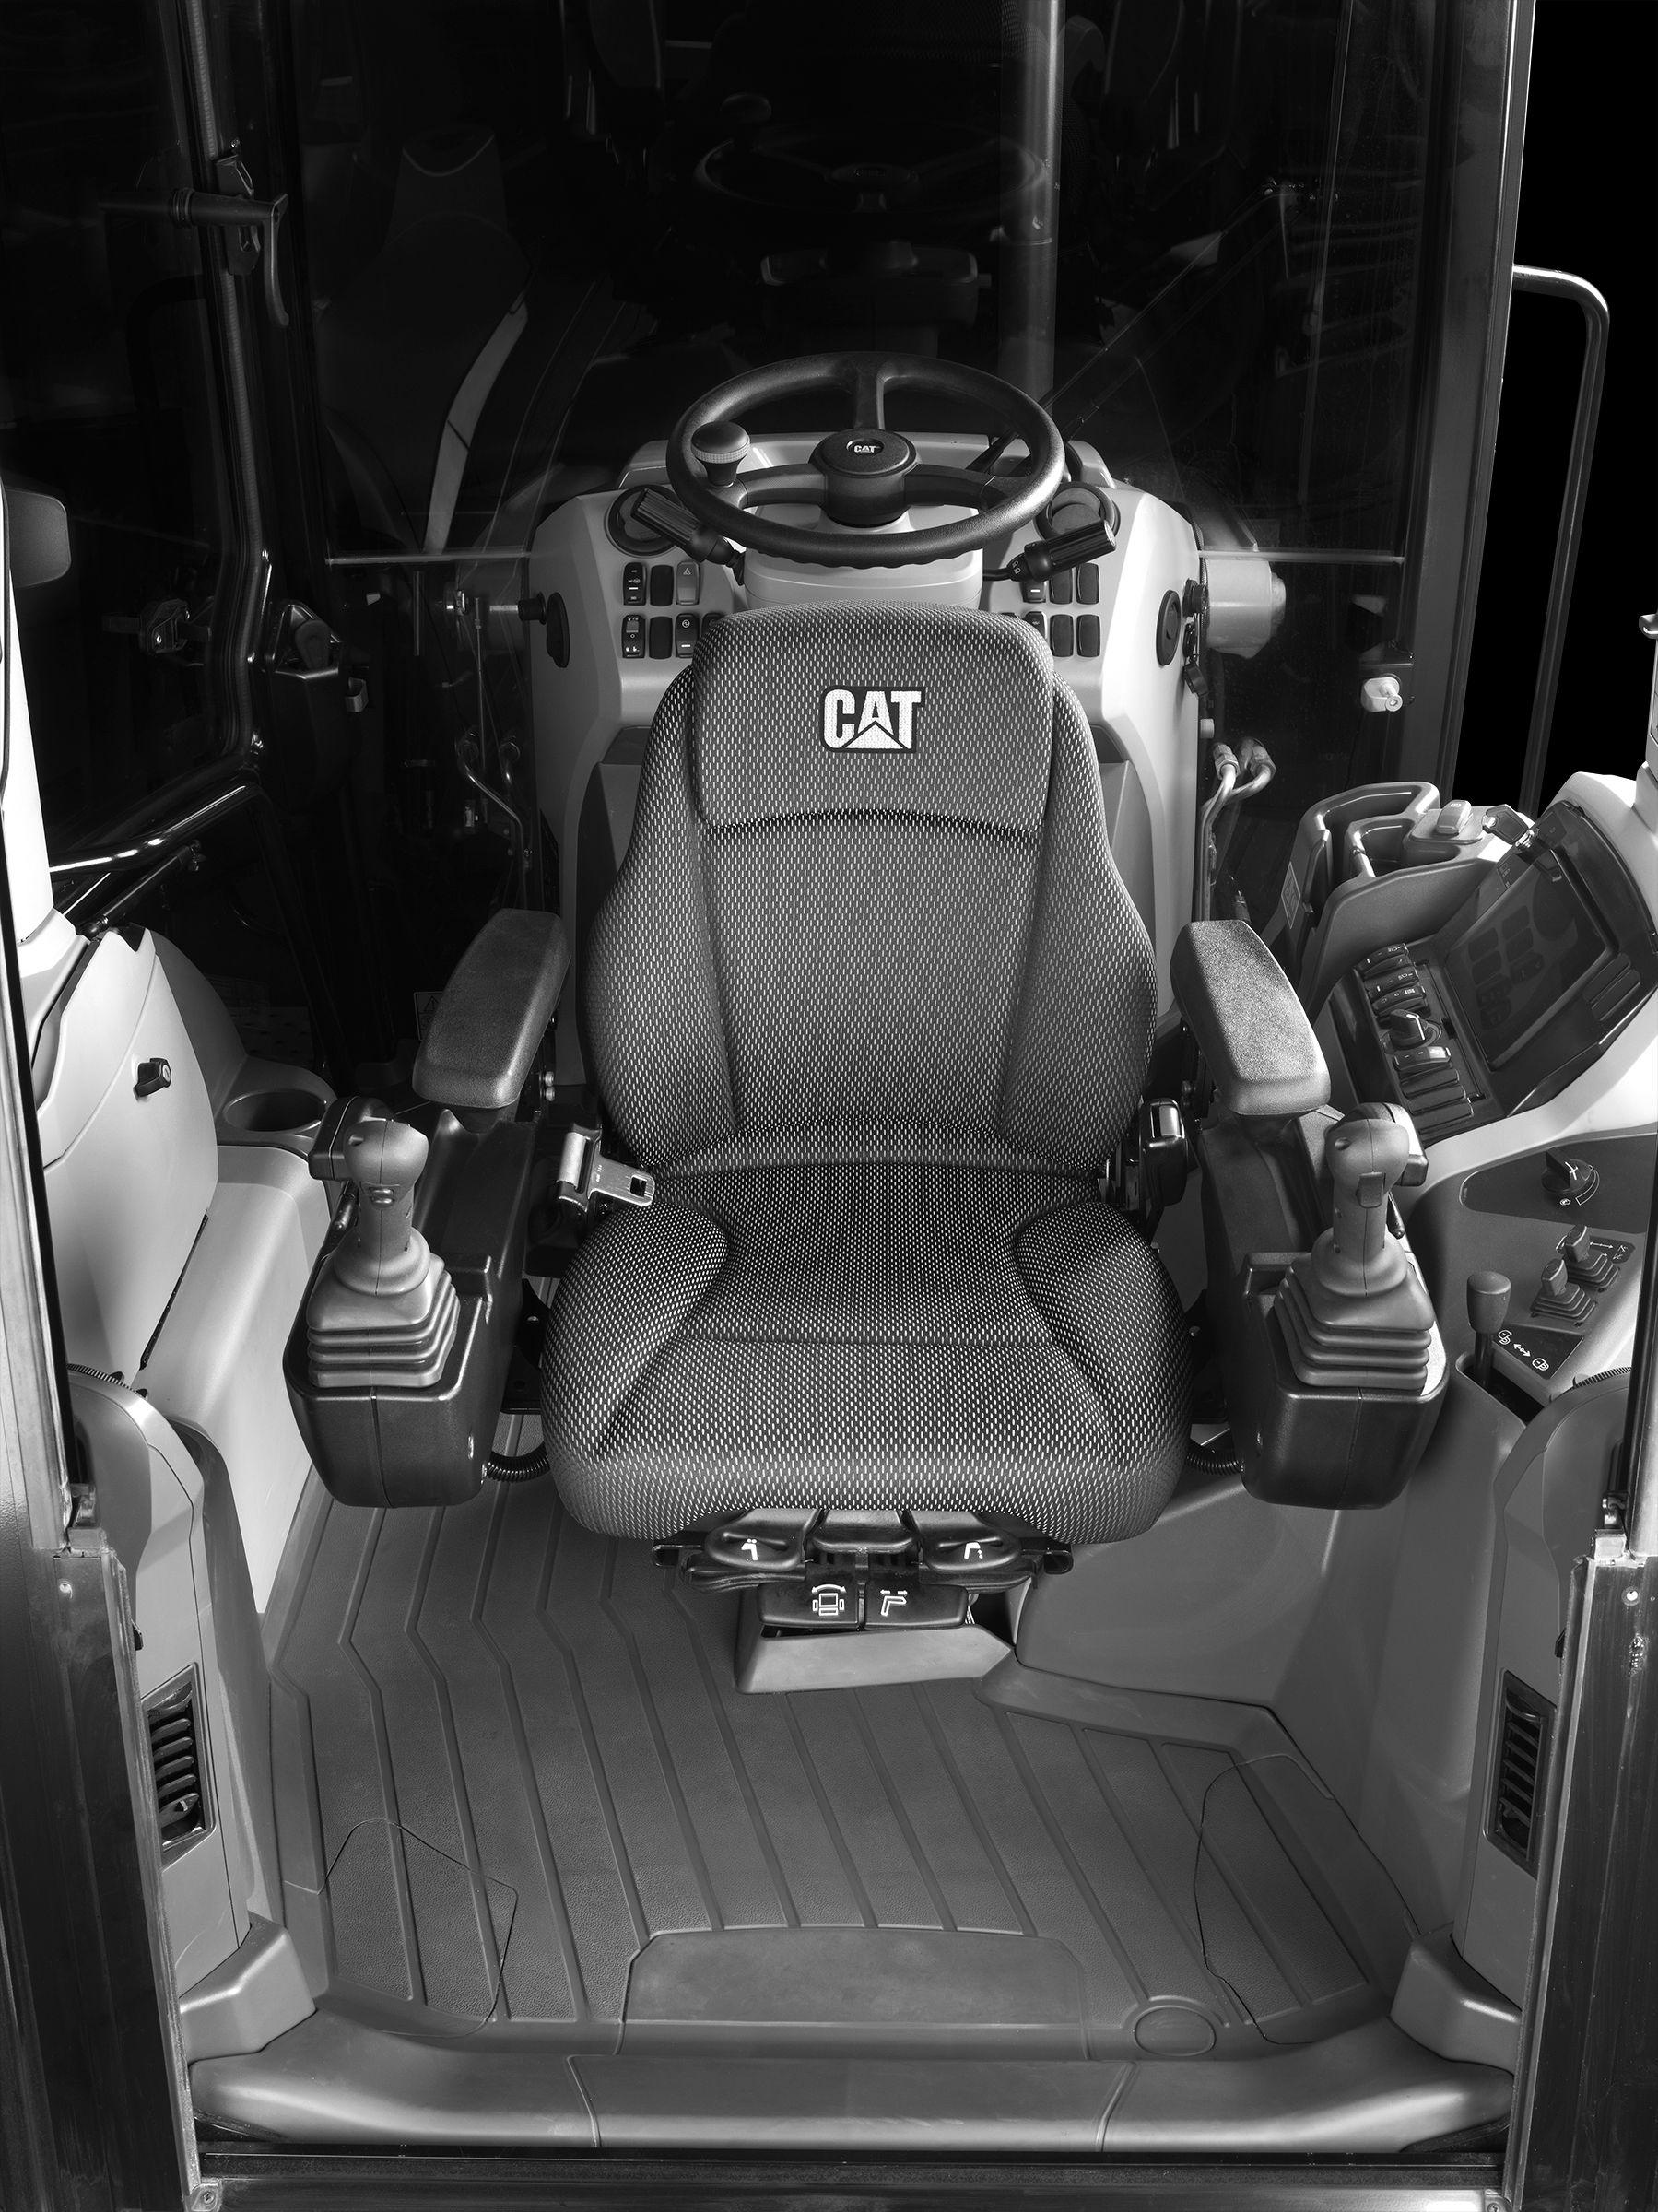 Cat 420 XE Backhoe Loader Joysticks